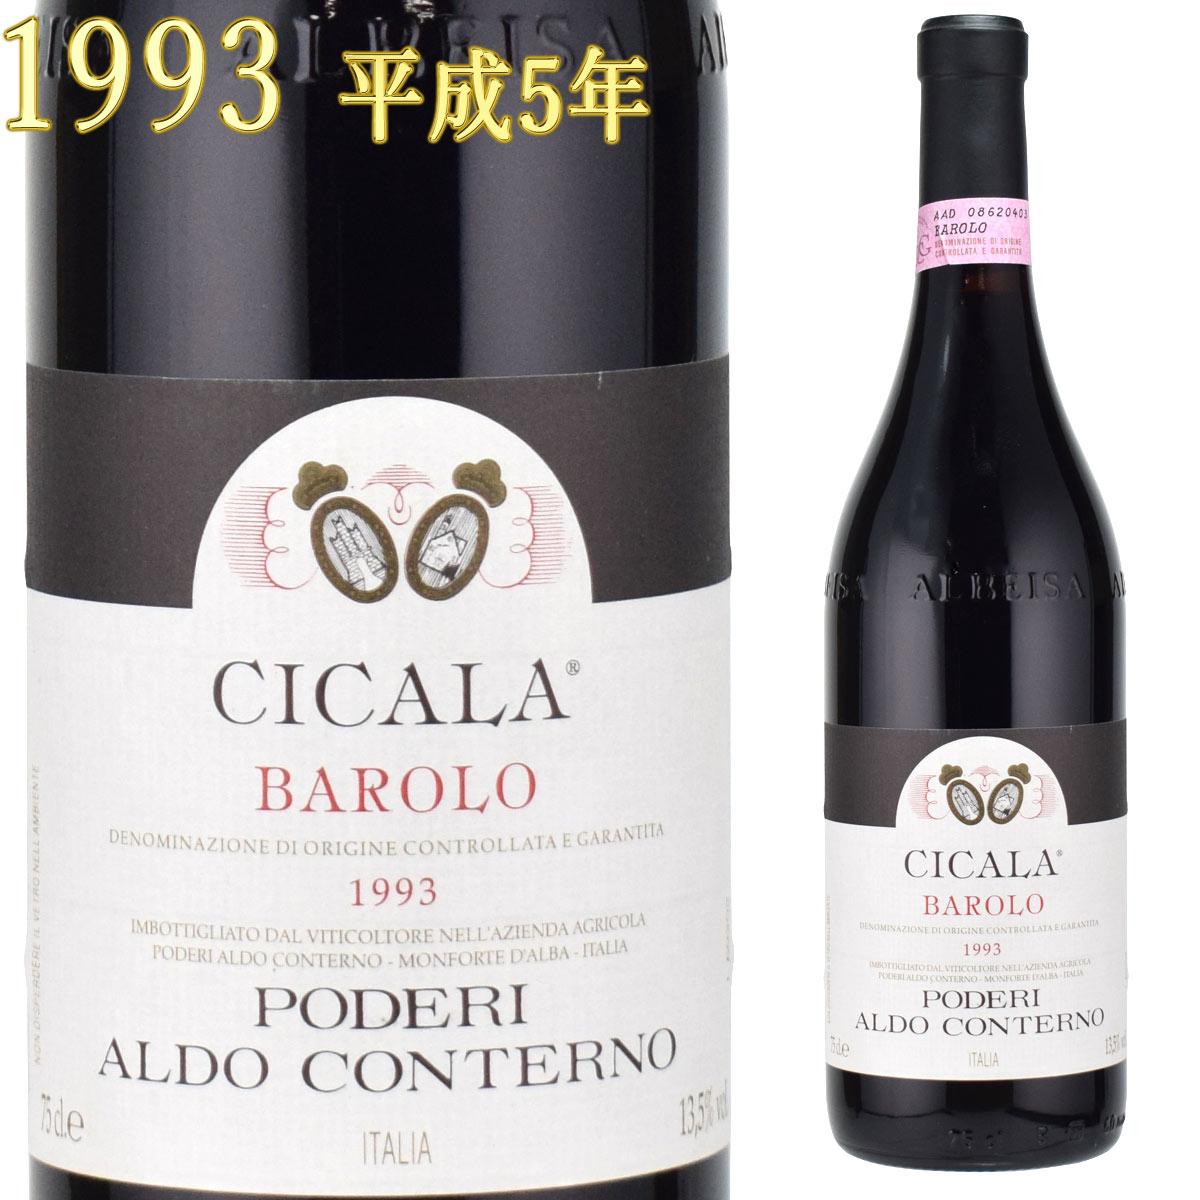 アルド・コンテルノ バローロ・チカーラ 1993 PODELI ALDO CONTERNO BAROLO CICALA